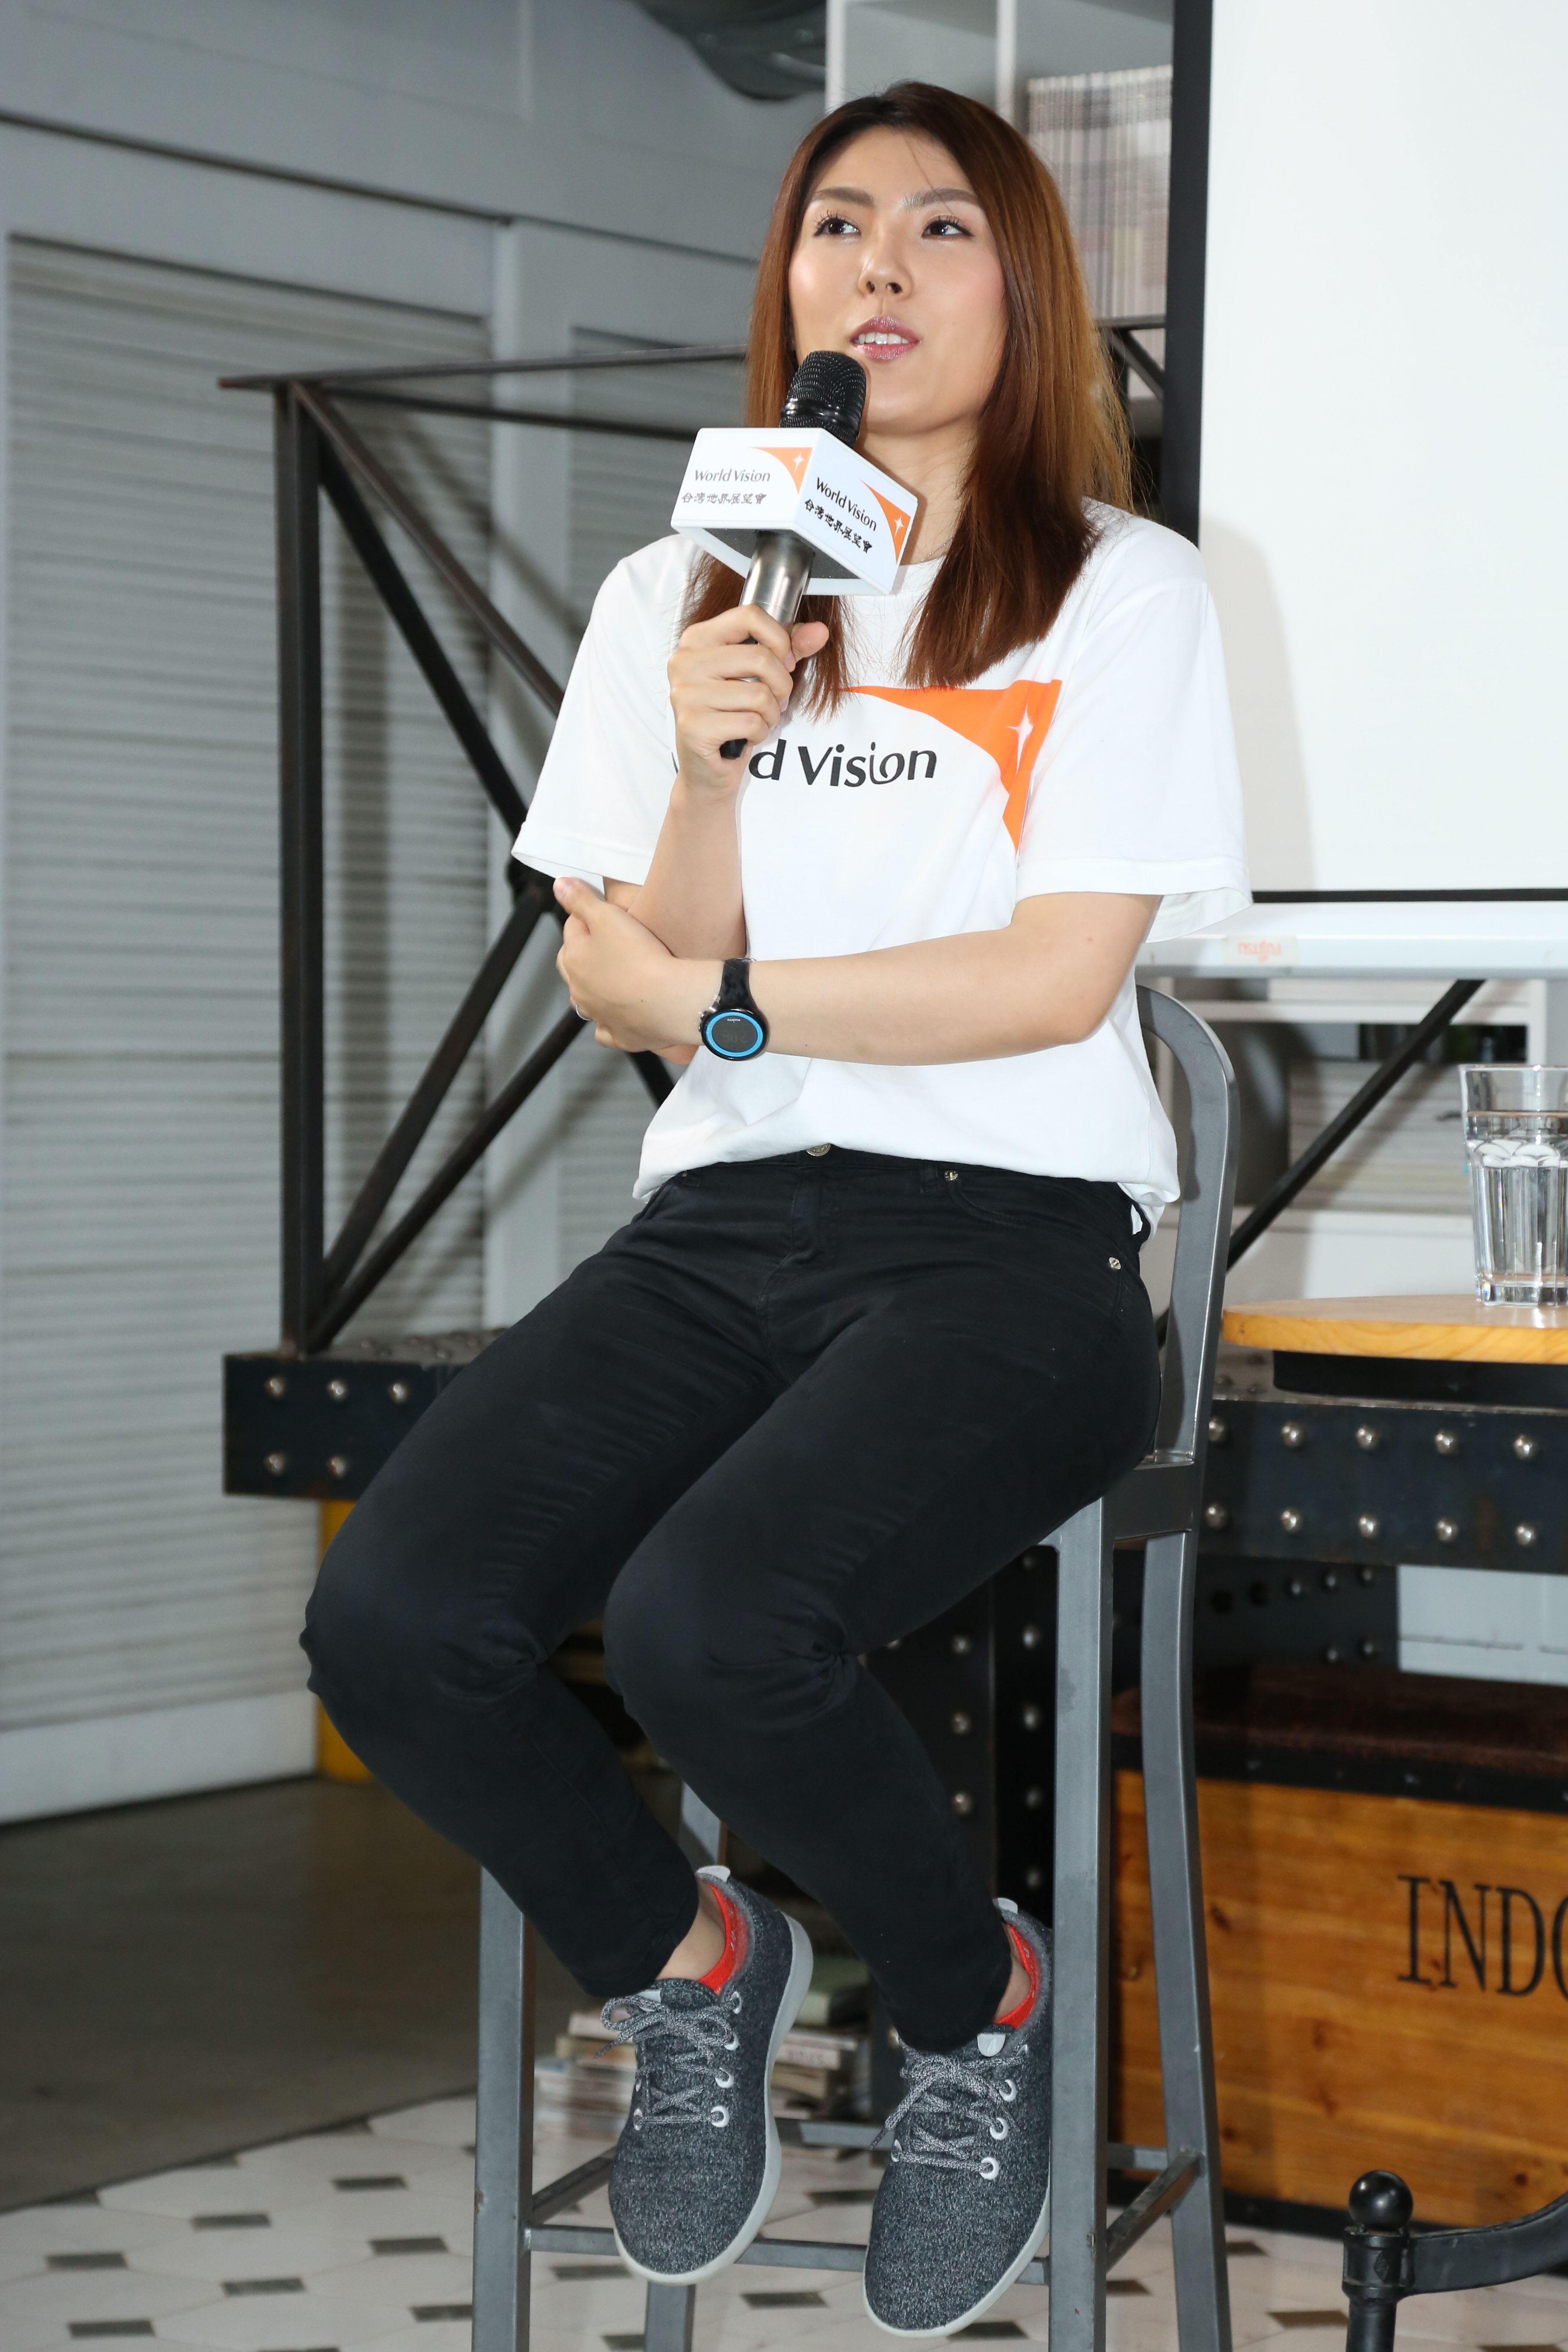 蔡阿嘎與理科太太參加台灣世界展望會宣導活動,理科太太分享心得。(記者林士傑/攝影)